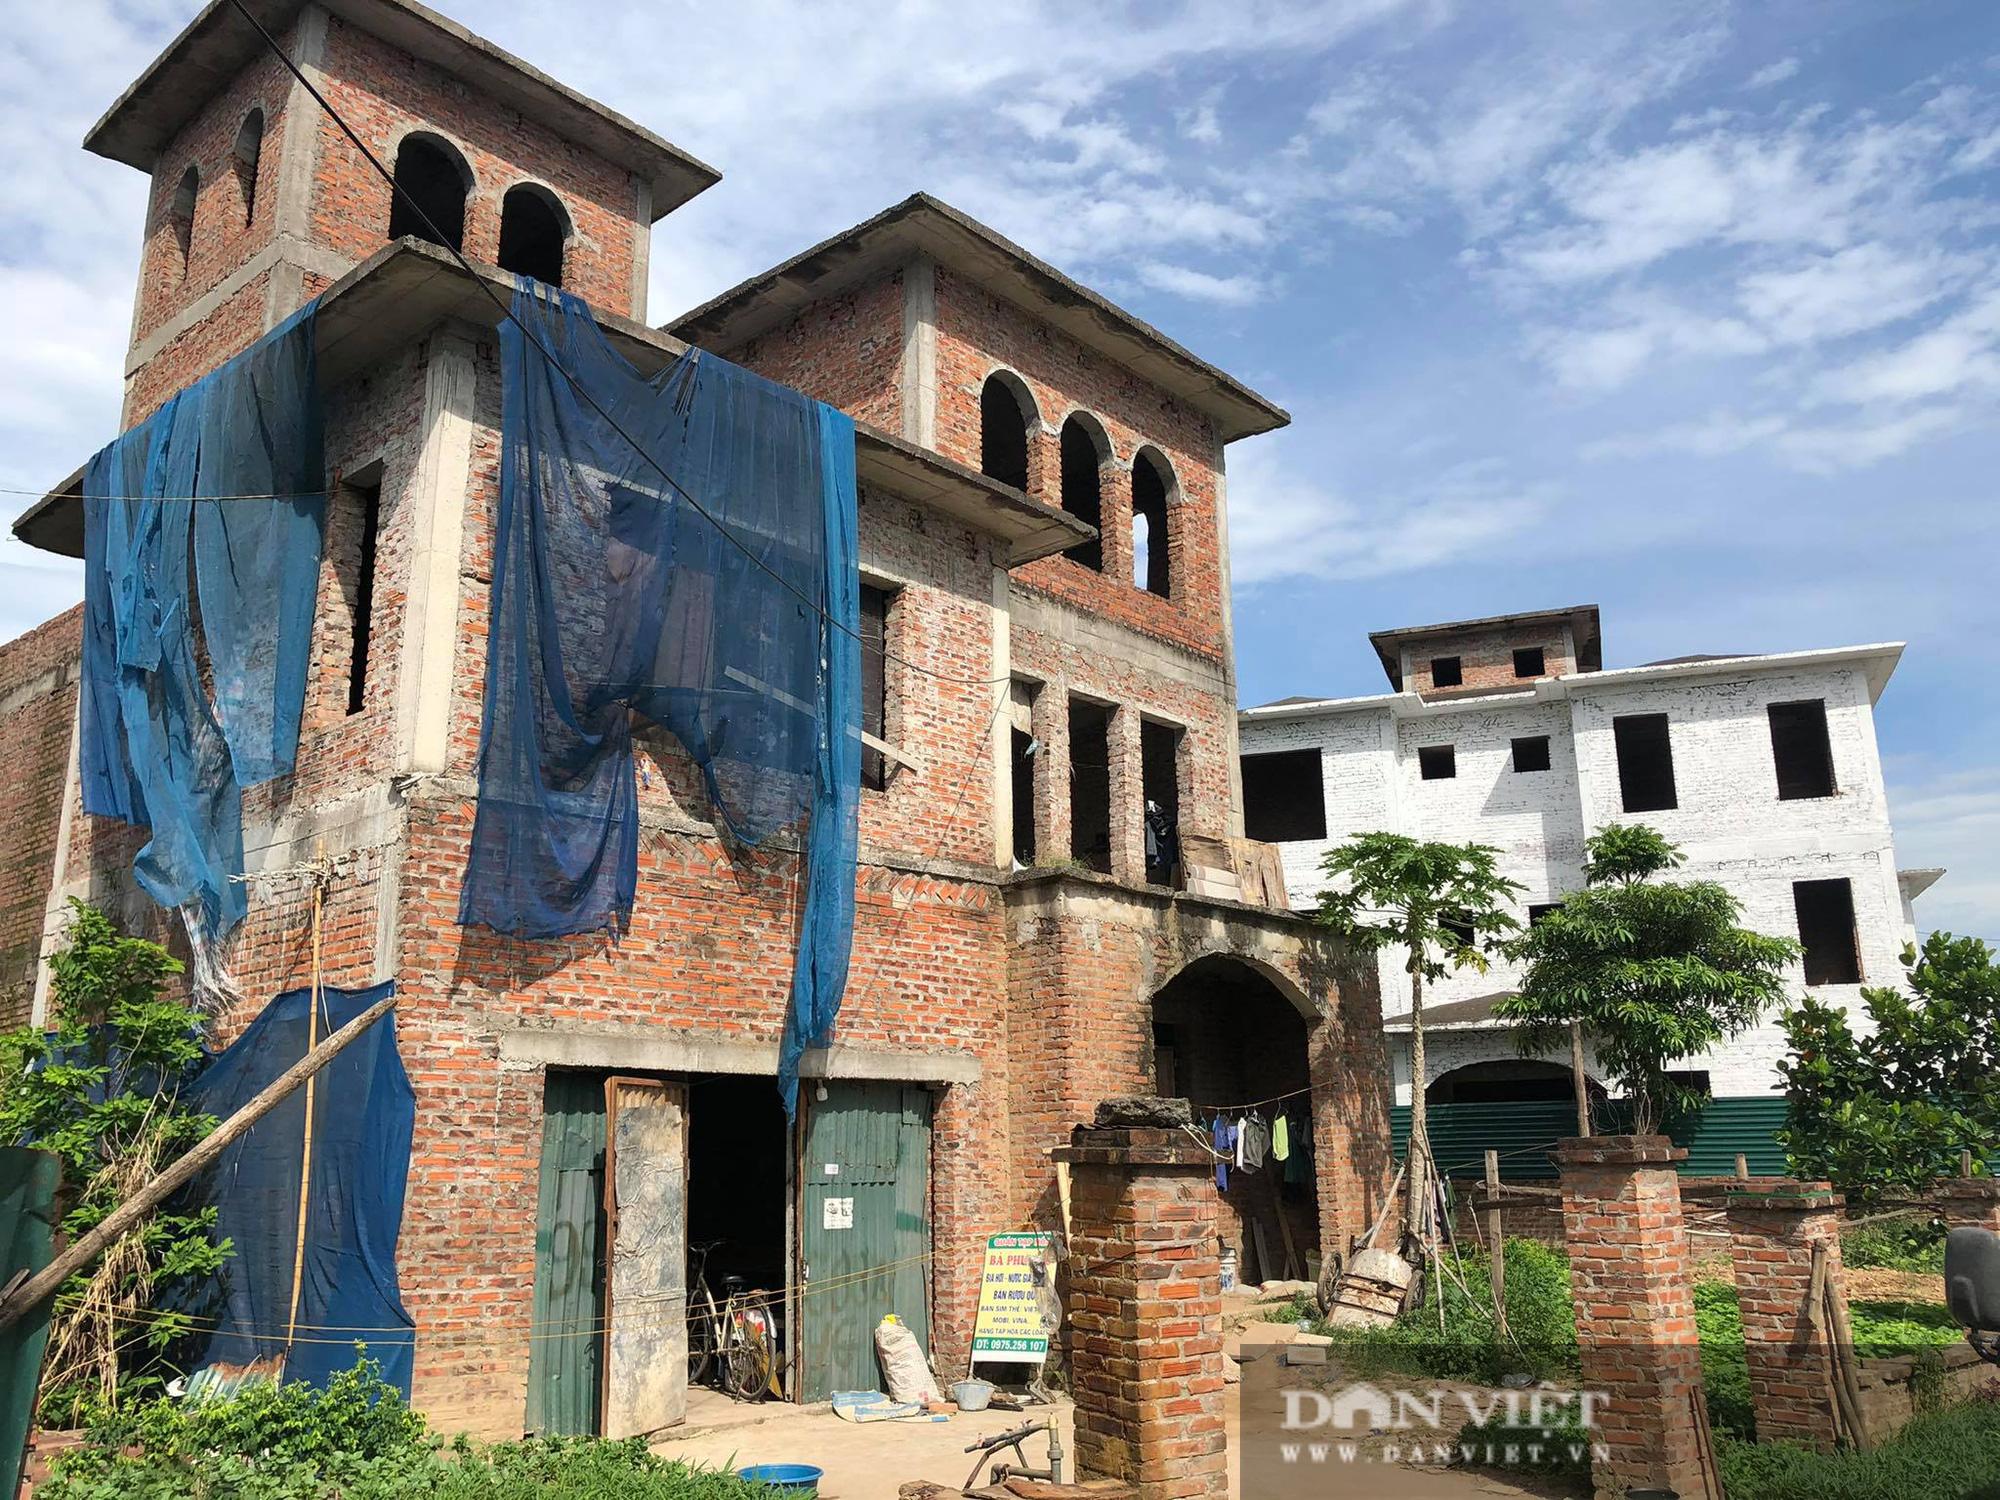 La liệt biệt thự chục tỷ đồng bỏ hoang ở Hà Nội - Ảnh 1.